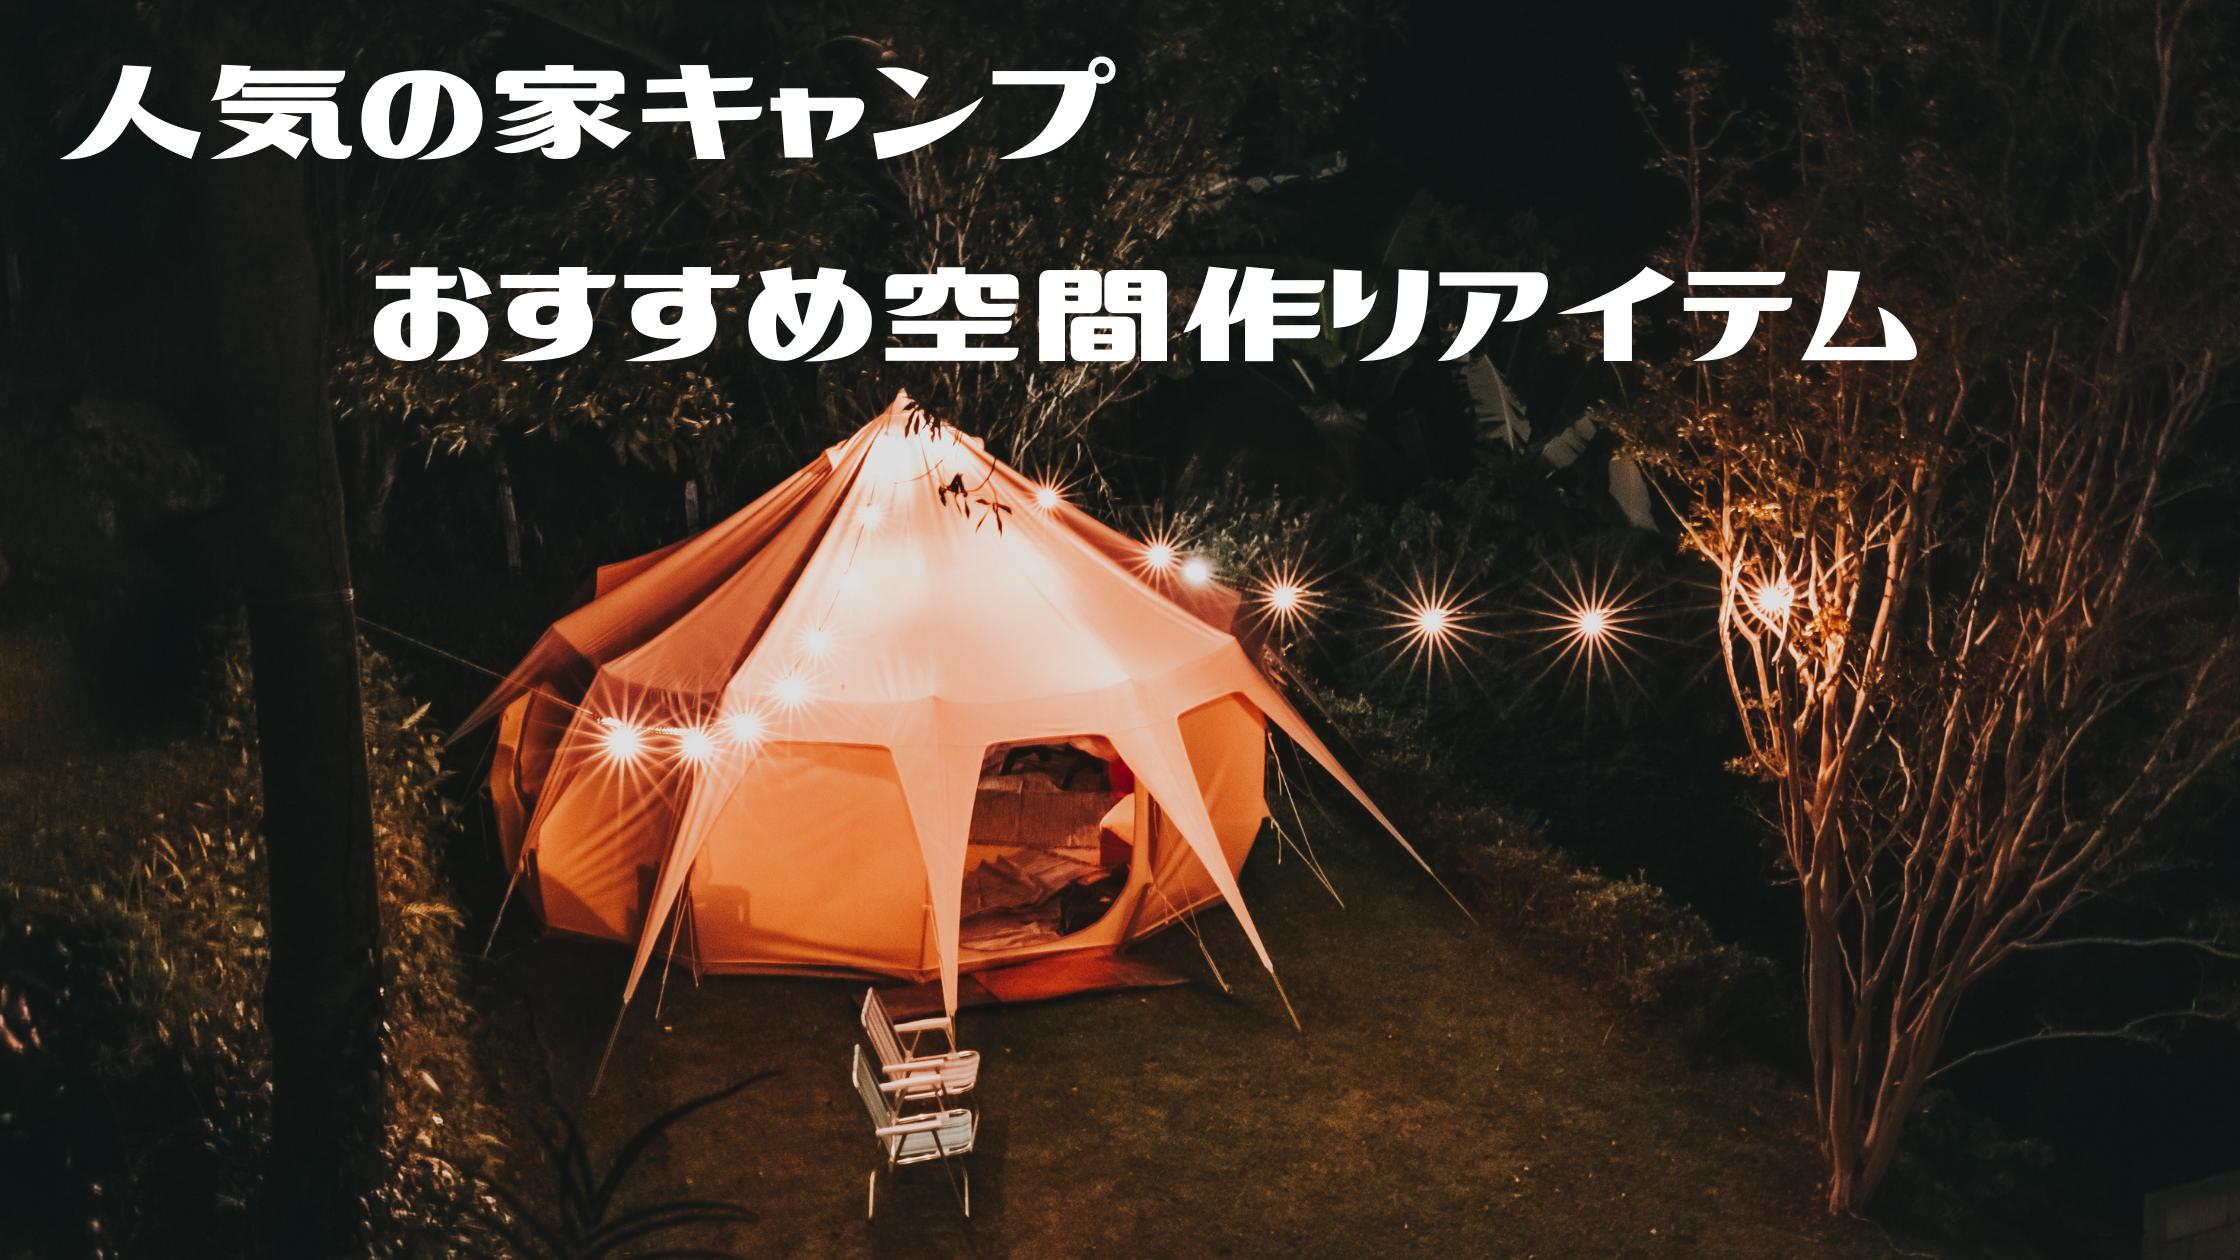 【ZIP】たけだバーベキューさんおすすめグッズ『自宅を極上のキャンプ空間』にするアイテム